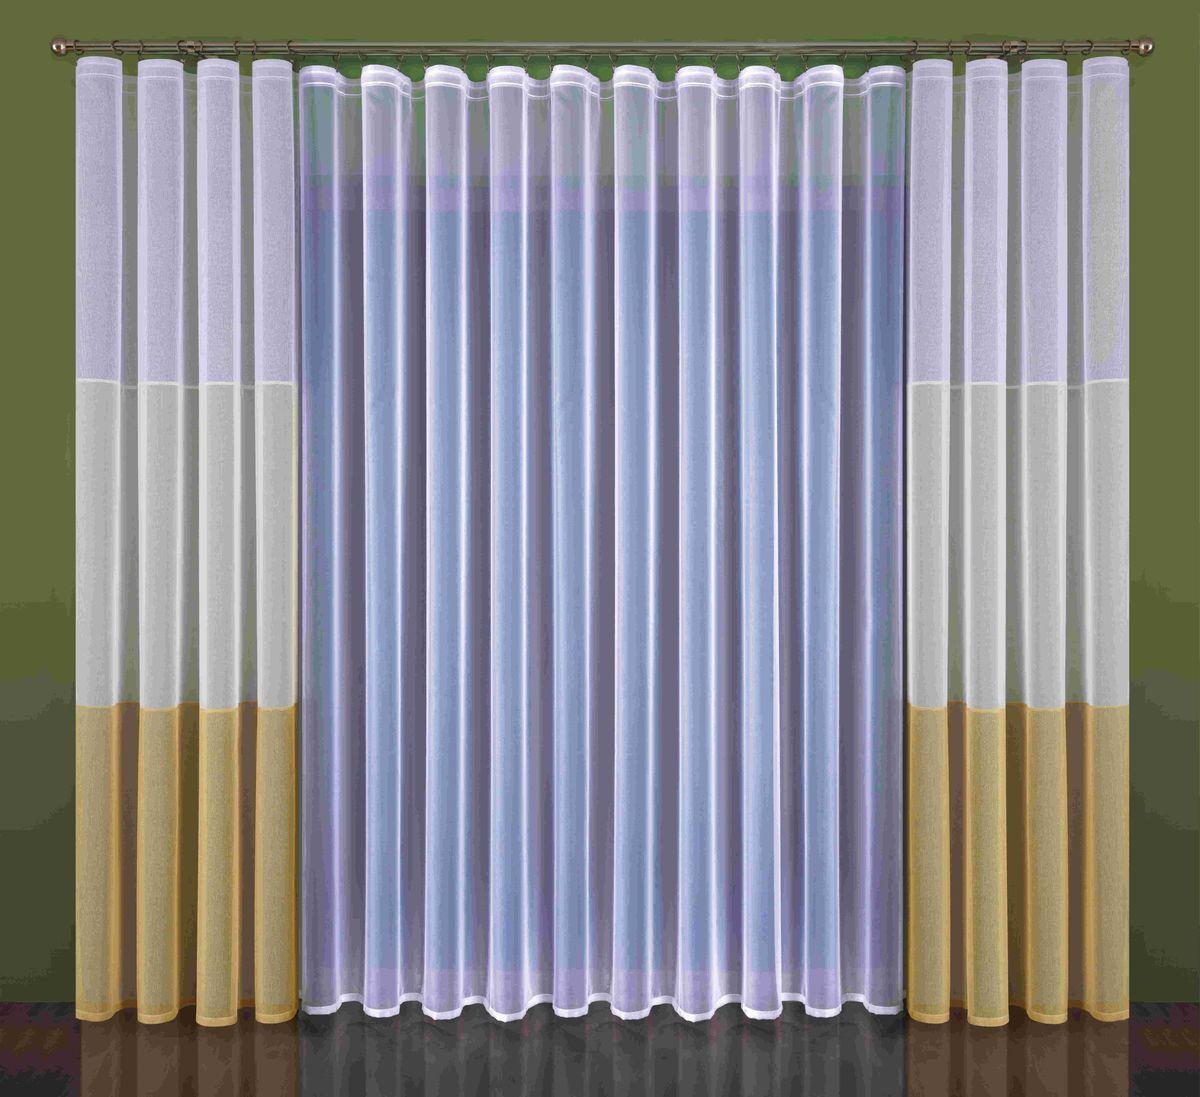 Комплект штор Wisan Kleonia, на ленте, цвет: белый, бежевый, высота 250 см338WКомплект штор Wisan Kleonia выполненный из полиэстера, великолепно украсит любое окно. В комплект входят 2 шторы и плотный тюль.Оригинальный дизайн придает комплекту особый стиль и шарм. Качественный материал и тонкое плетение, нежная цветовая гамма и роскошное исполнение - все это делает шторы Wisan Kleonia замечательным дополнением интерьера помещения.Комплект оснащен шторной лентой для красивой сборки. В комплект входит: Тюль - 1 шт. Размер (ШхВ): 500 см х 250 см.Штора - 2 шт. Размер (ШхВ): 140 см х 250 см. Фирма Wisan на польском рынке существует уже более пятидесяти лет и является одной из лучших польских фабрик по производству штор и тканей. Ассортимент фирмы представлен готовыми комплектами штор для гостиной, детской, кухни, а также текстилем для кухни (скатерти, салфетки, дорожки, кухонные занавески). Модельный ряд отличает оригинальный дизайн, высокое качество. Ассортимент продукции постоянно пополняется.